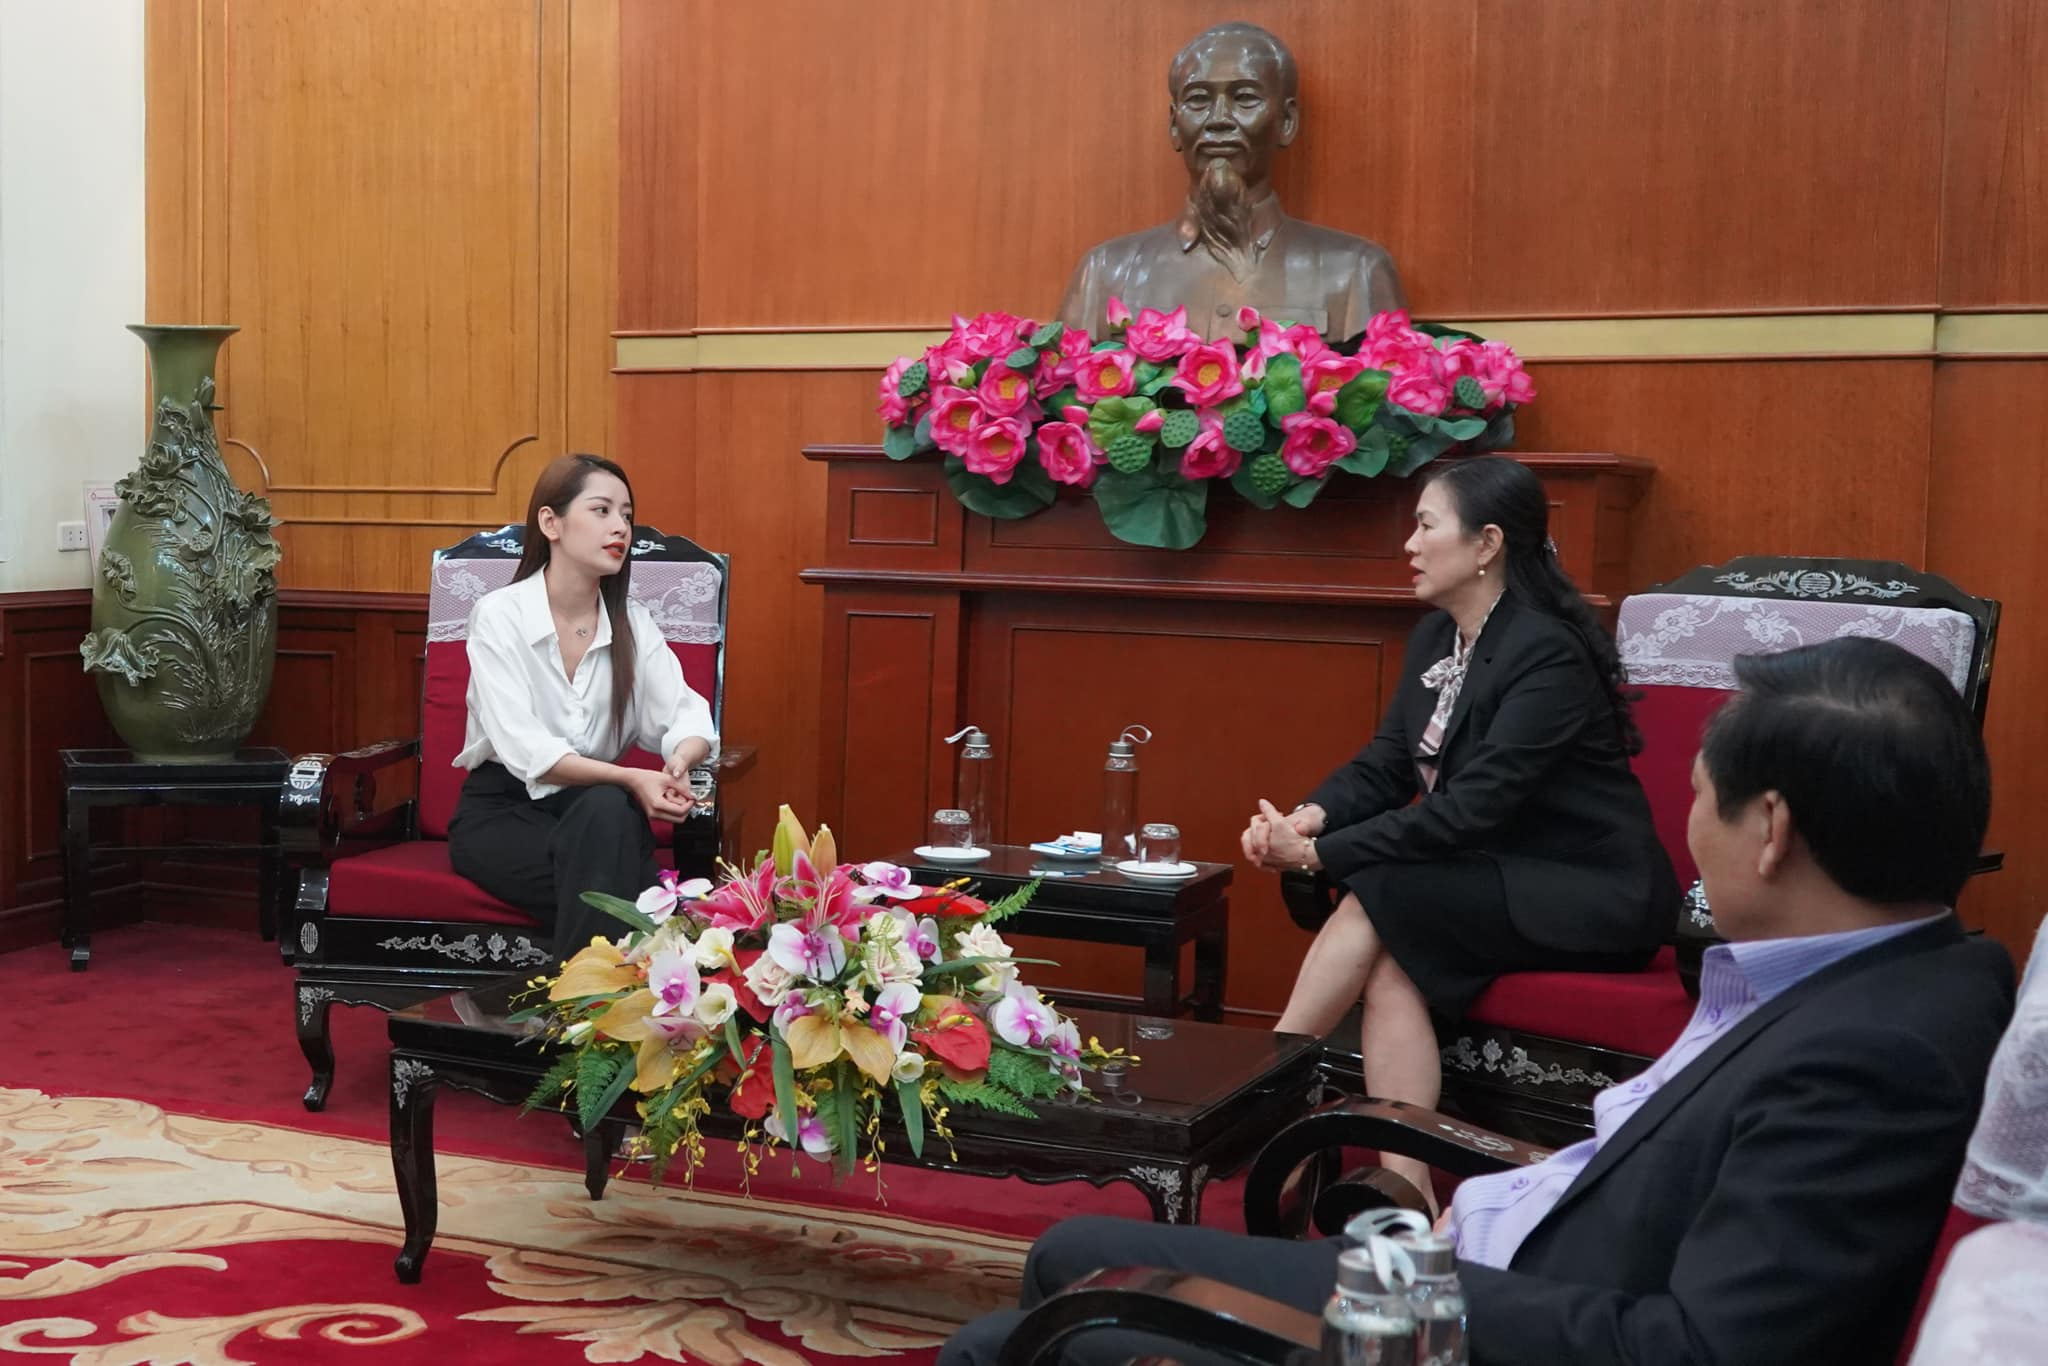 Chi Pu tiến hành trao tặng 5.000 bộ trang phục bảo hộ y tế tại Hà Nội và TP. HCM